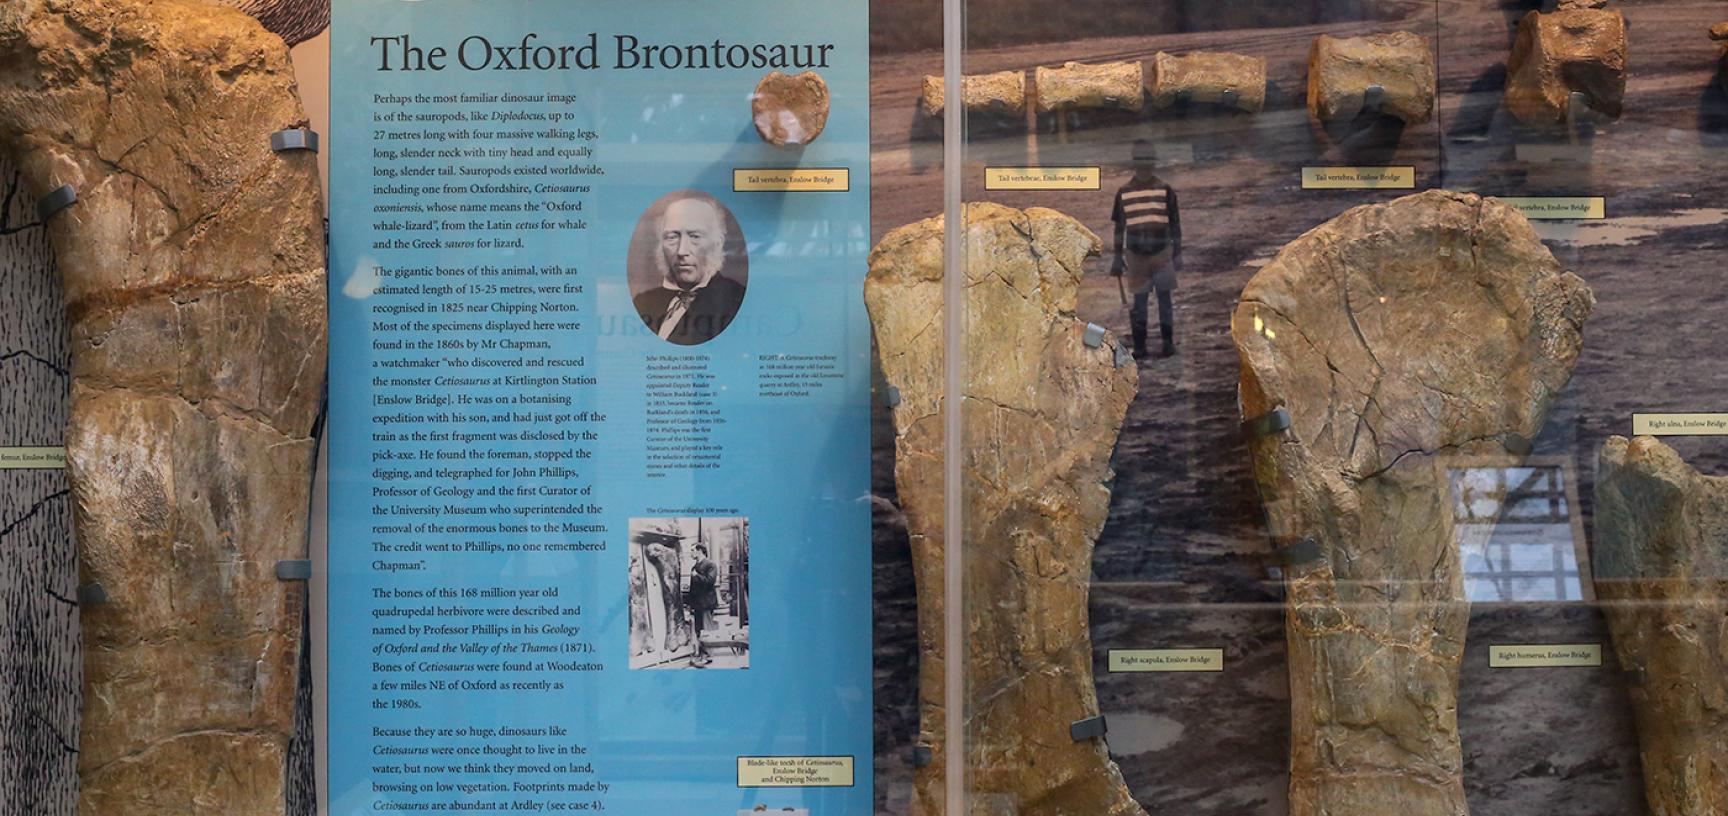 Cetiosaurus oxoniensis